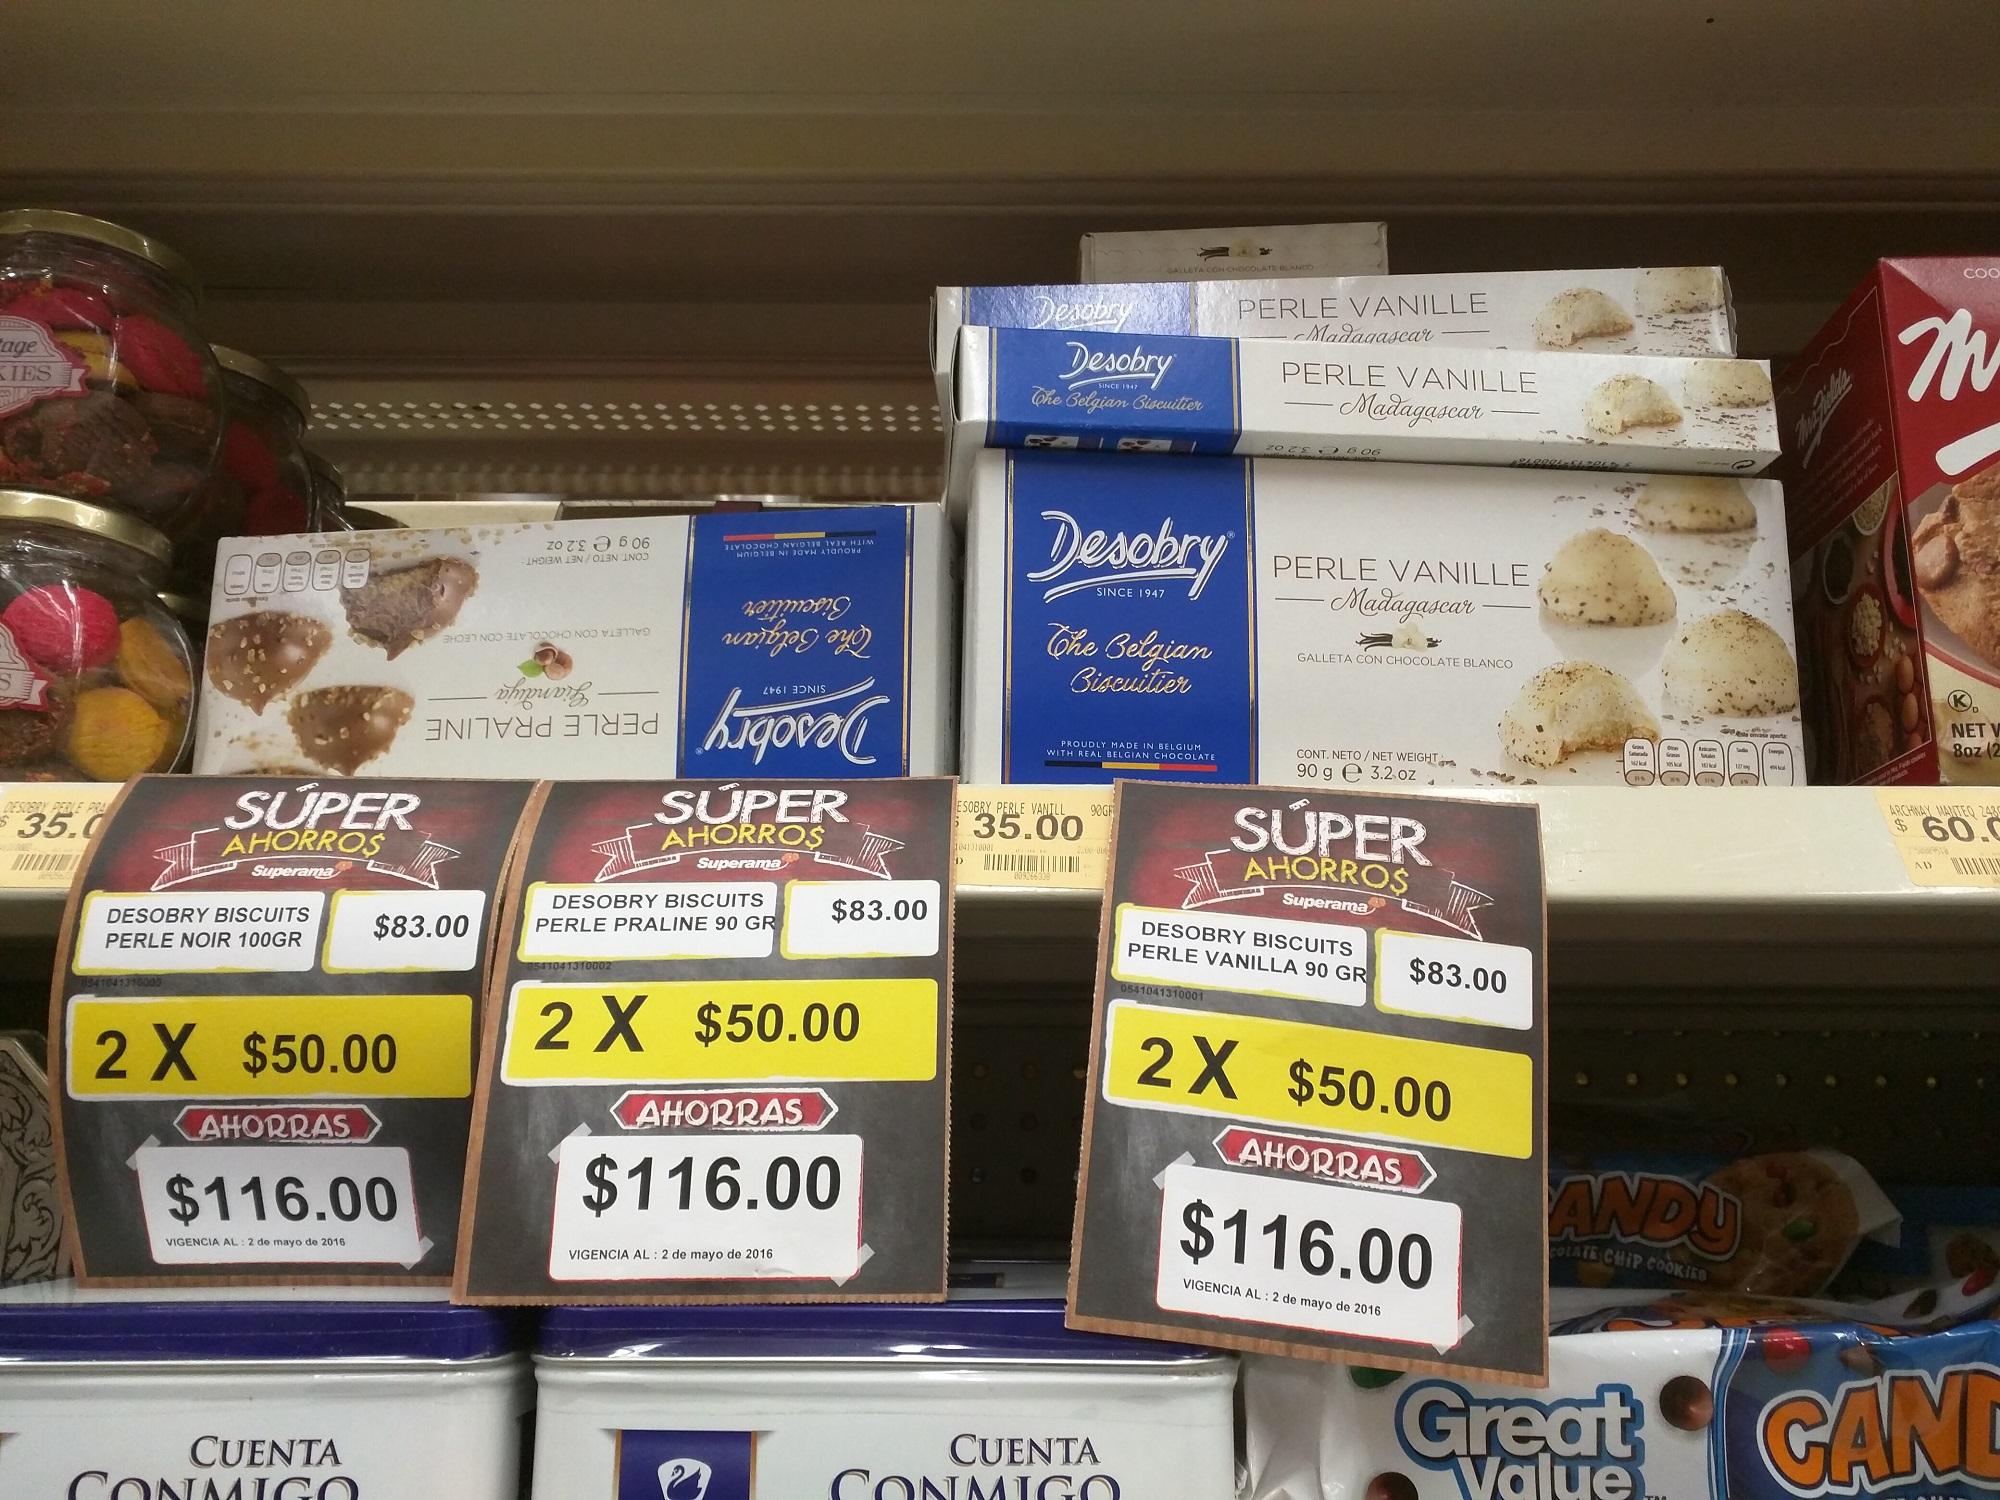 Superama: Va haber galletas Belgas dos cajas en $50 (normalmente pagarían $166 por las dos cajas)